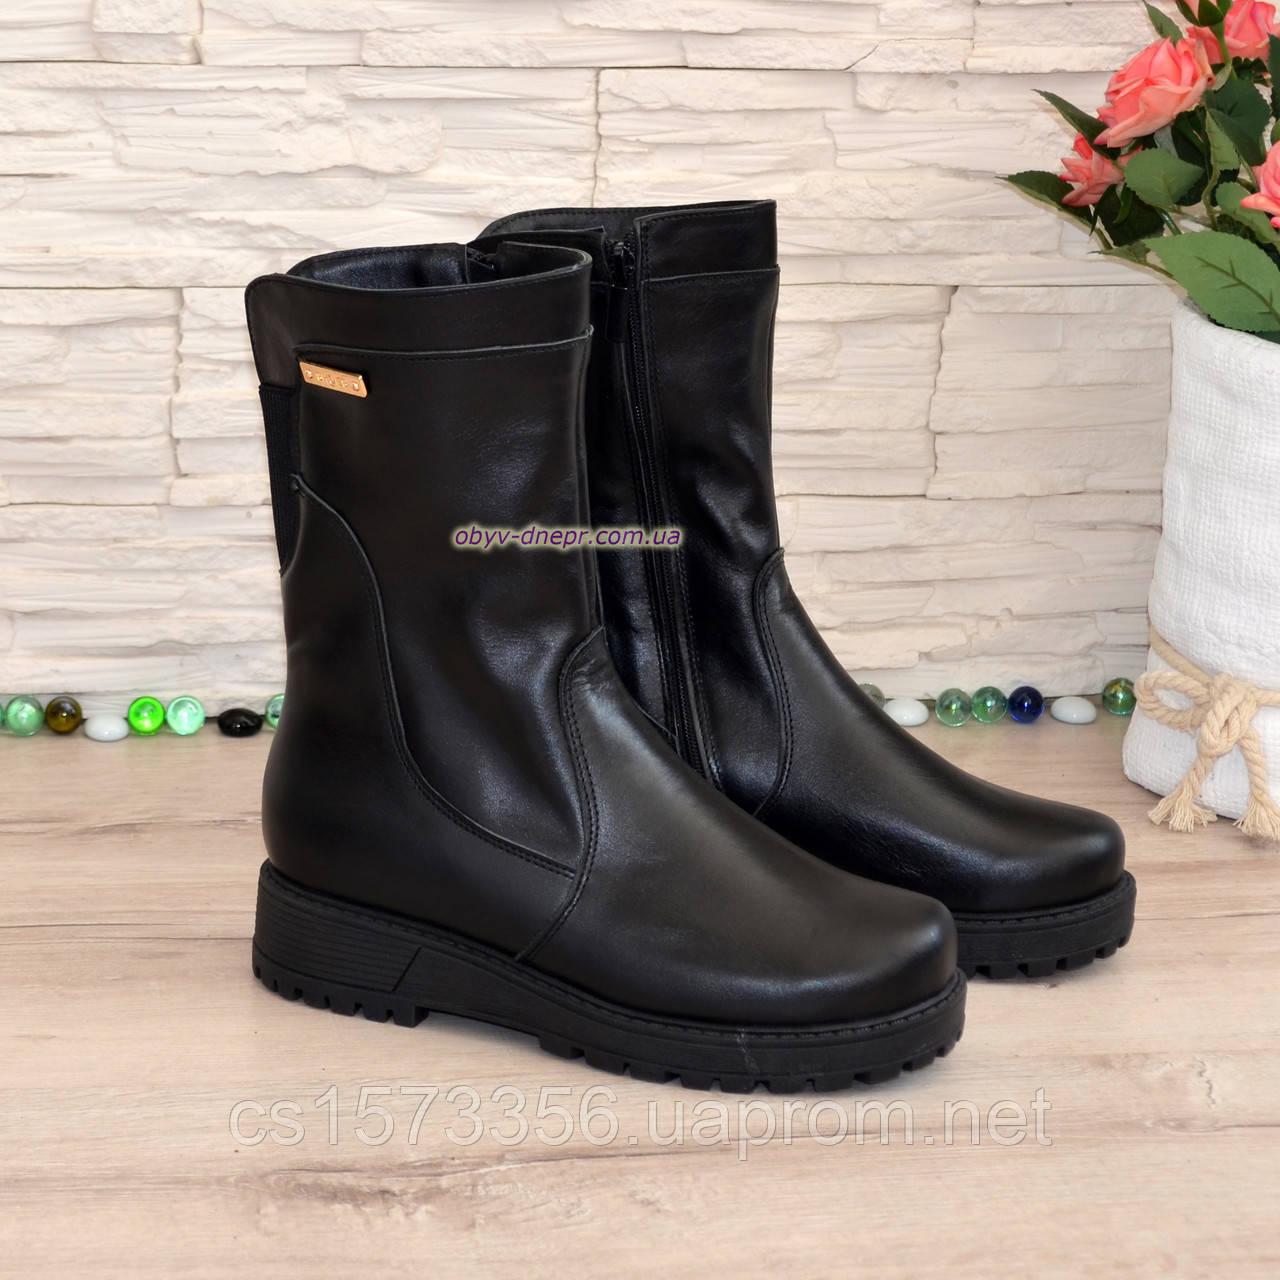 Ботинки женские кожаные демисезонные на утолщенной подошве, натуральная черная кожа